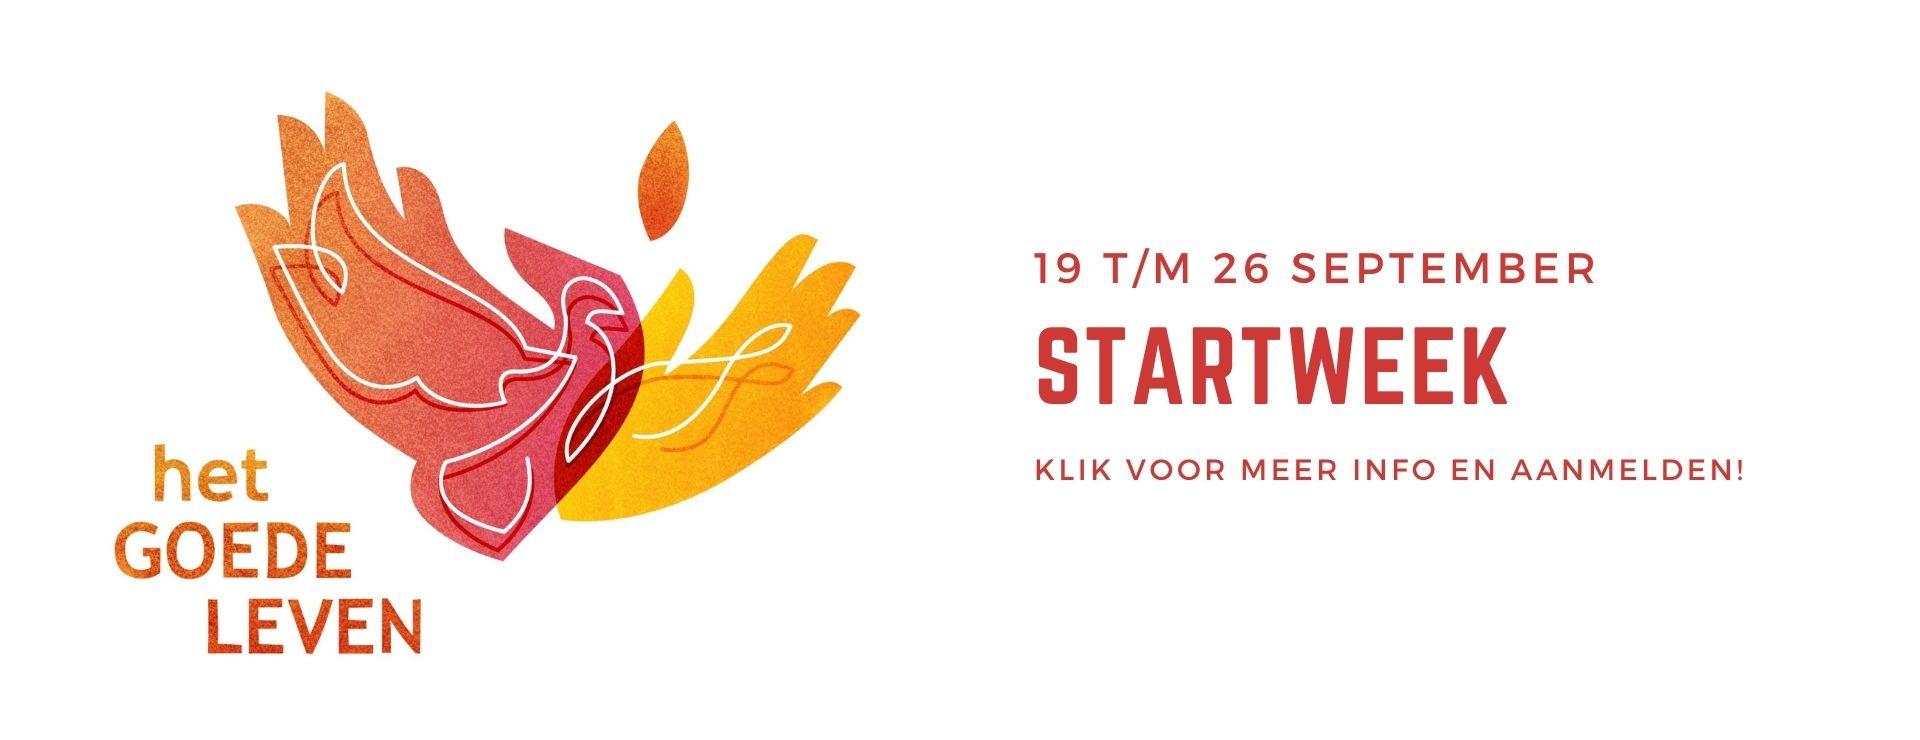 startweek